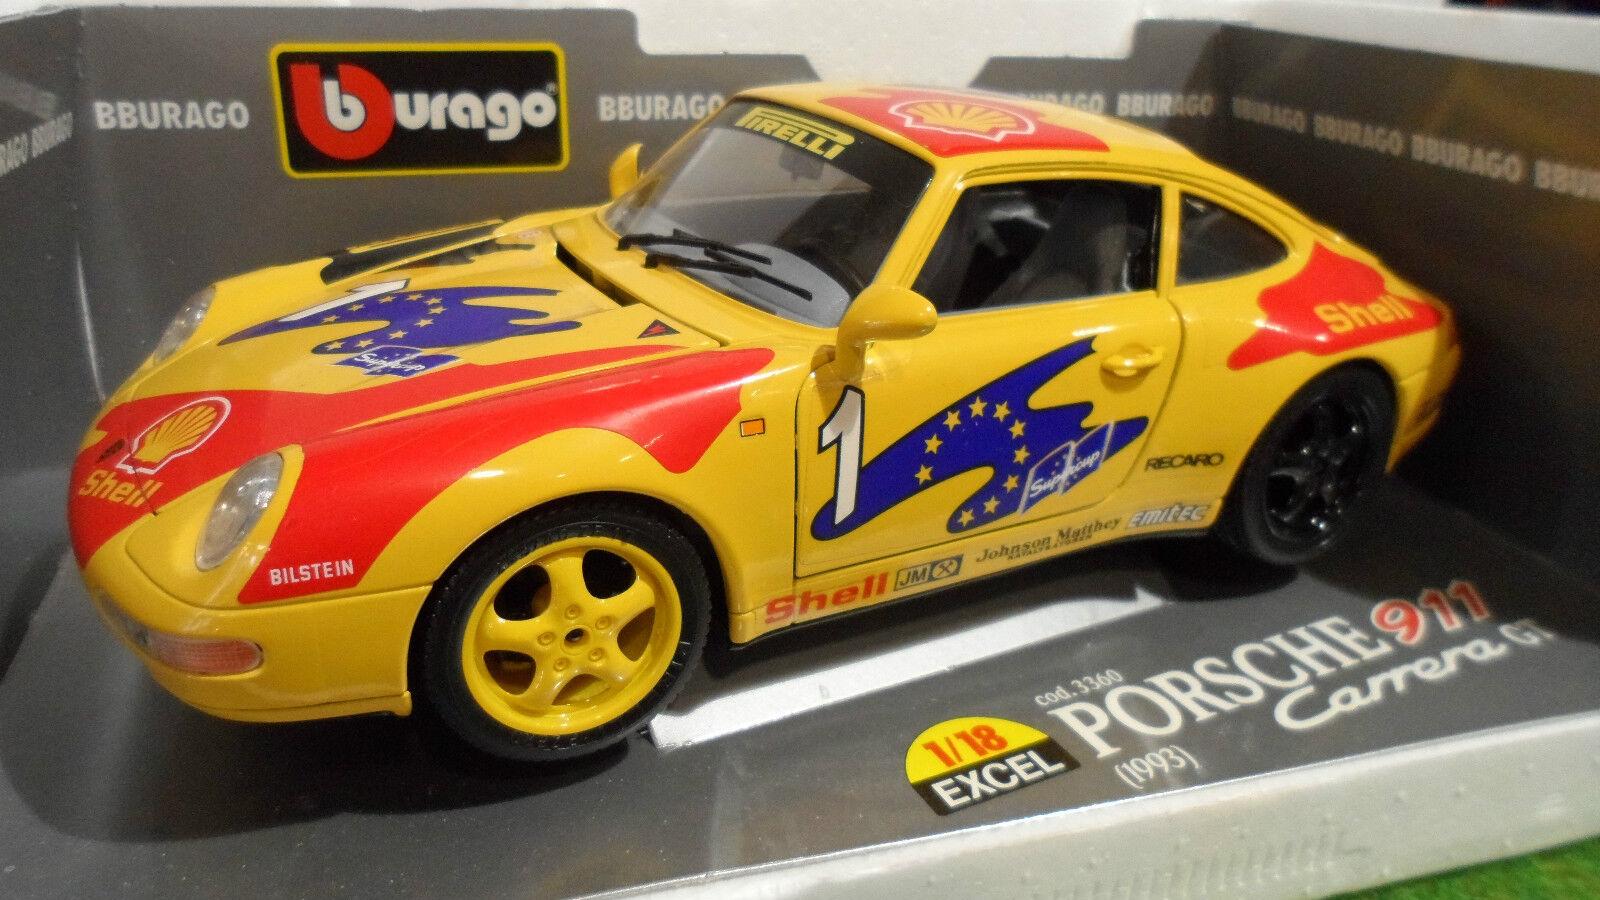 PORSCHE 911 voitureRERA 993 GT   1  Jaune SUPERCUP 1 18 BURAGO 3360 voiture miniature  les dernières marques en ligne